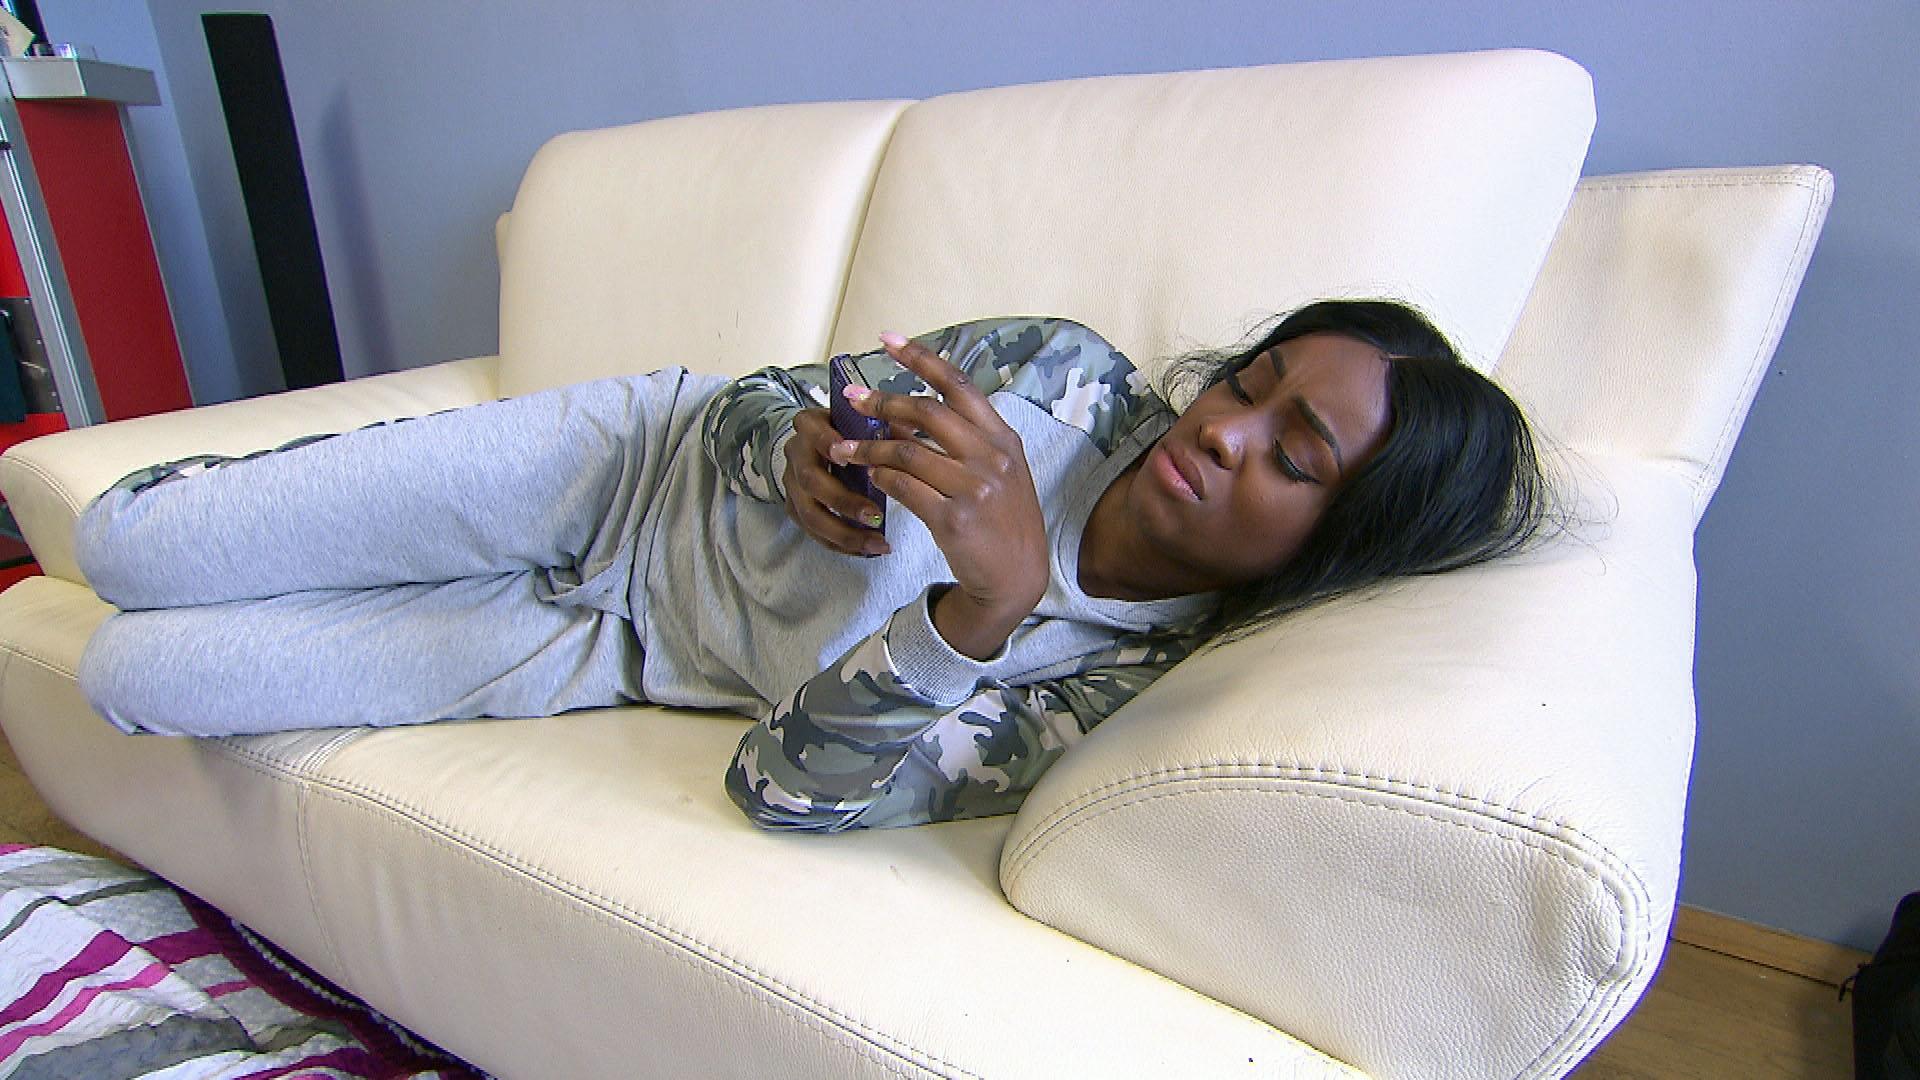 Michelle bekommt eine Nachricht von Joleen...sie denkt, dass Michelle mit Felix zusammen ist...dummes Gerücht, was nervt. (Quelle: RTL 2)